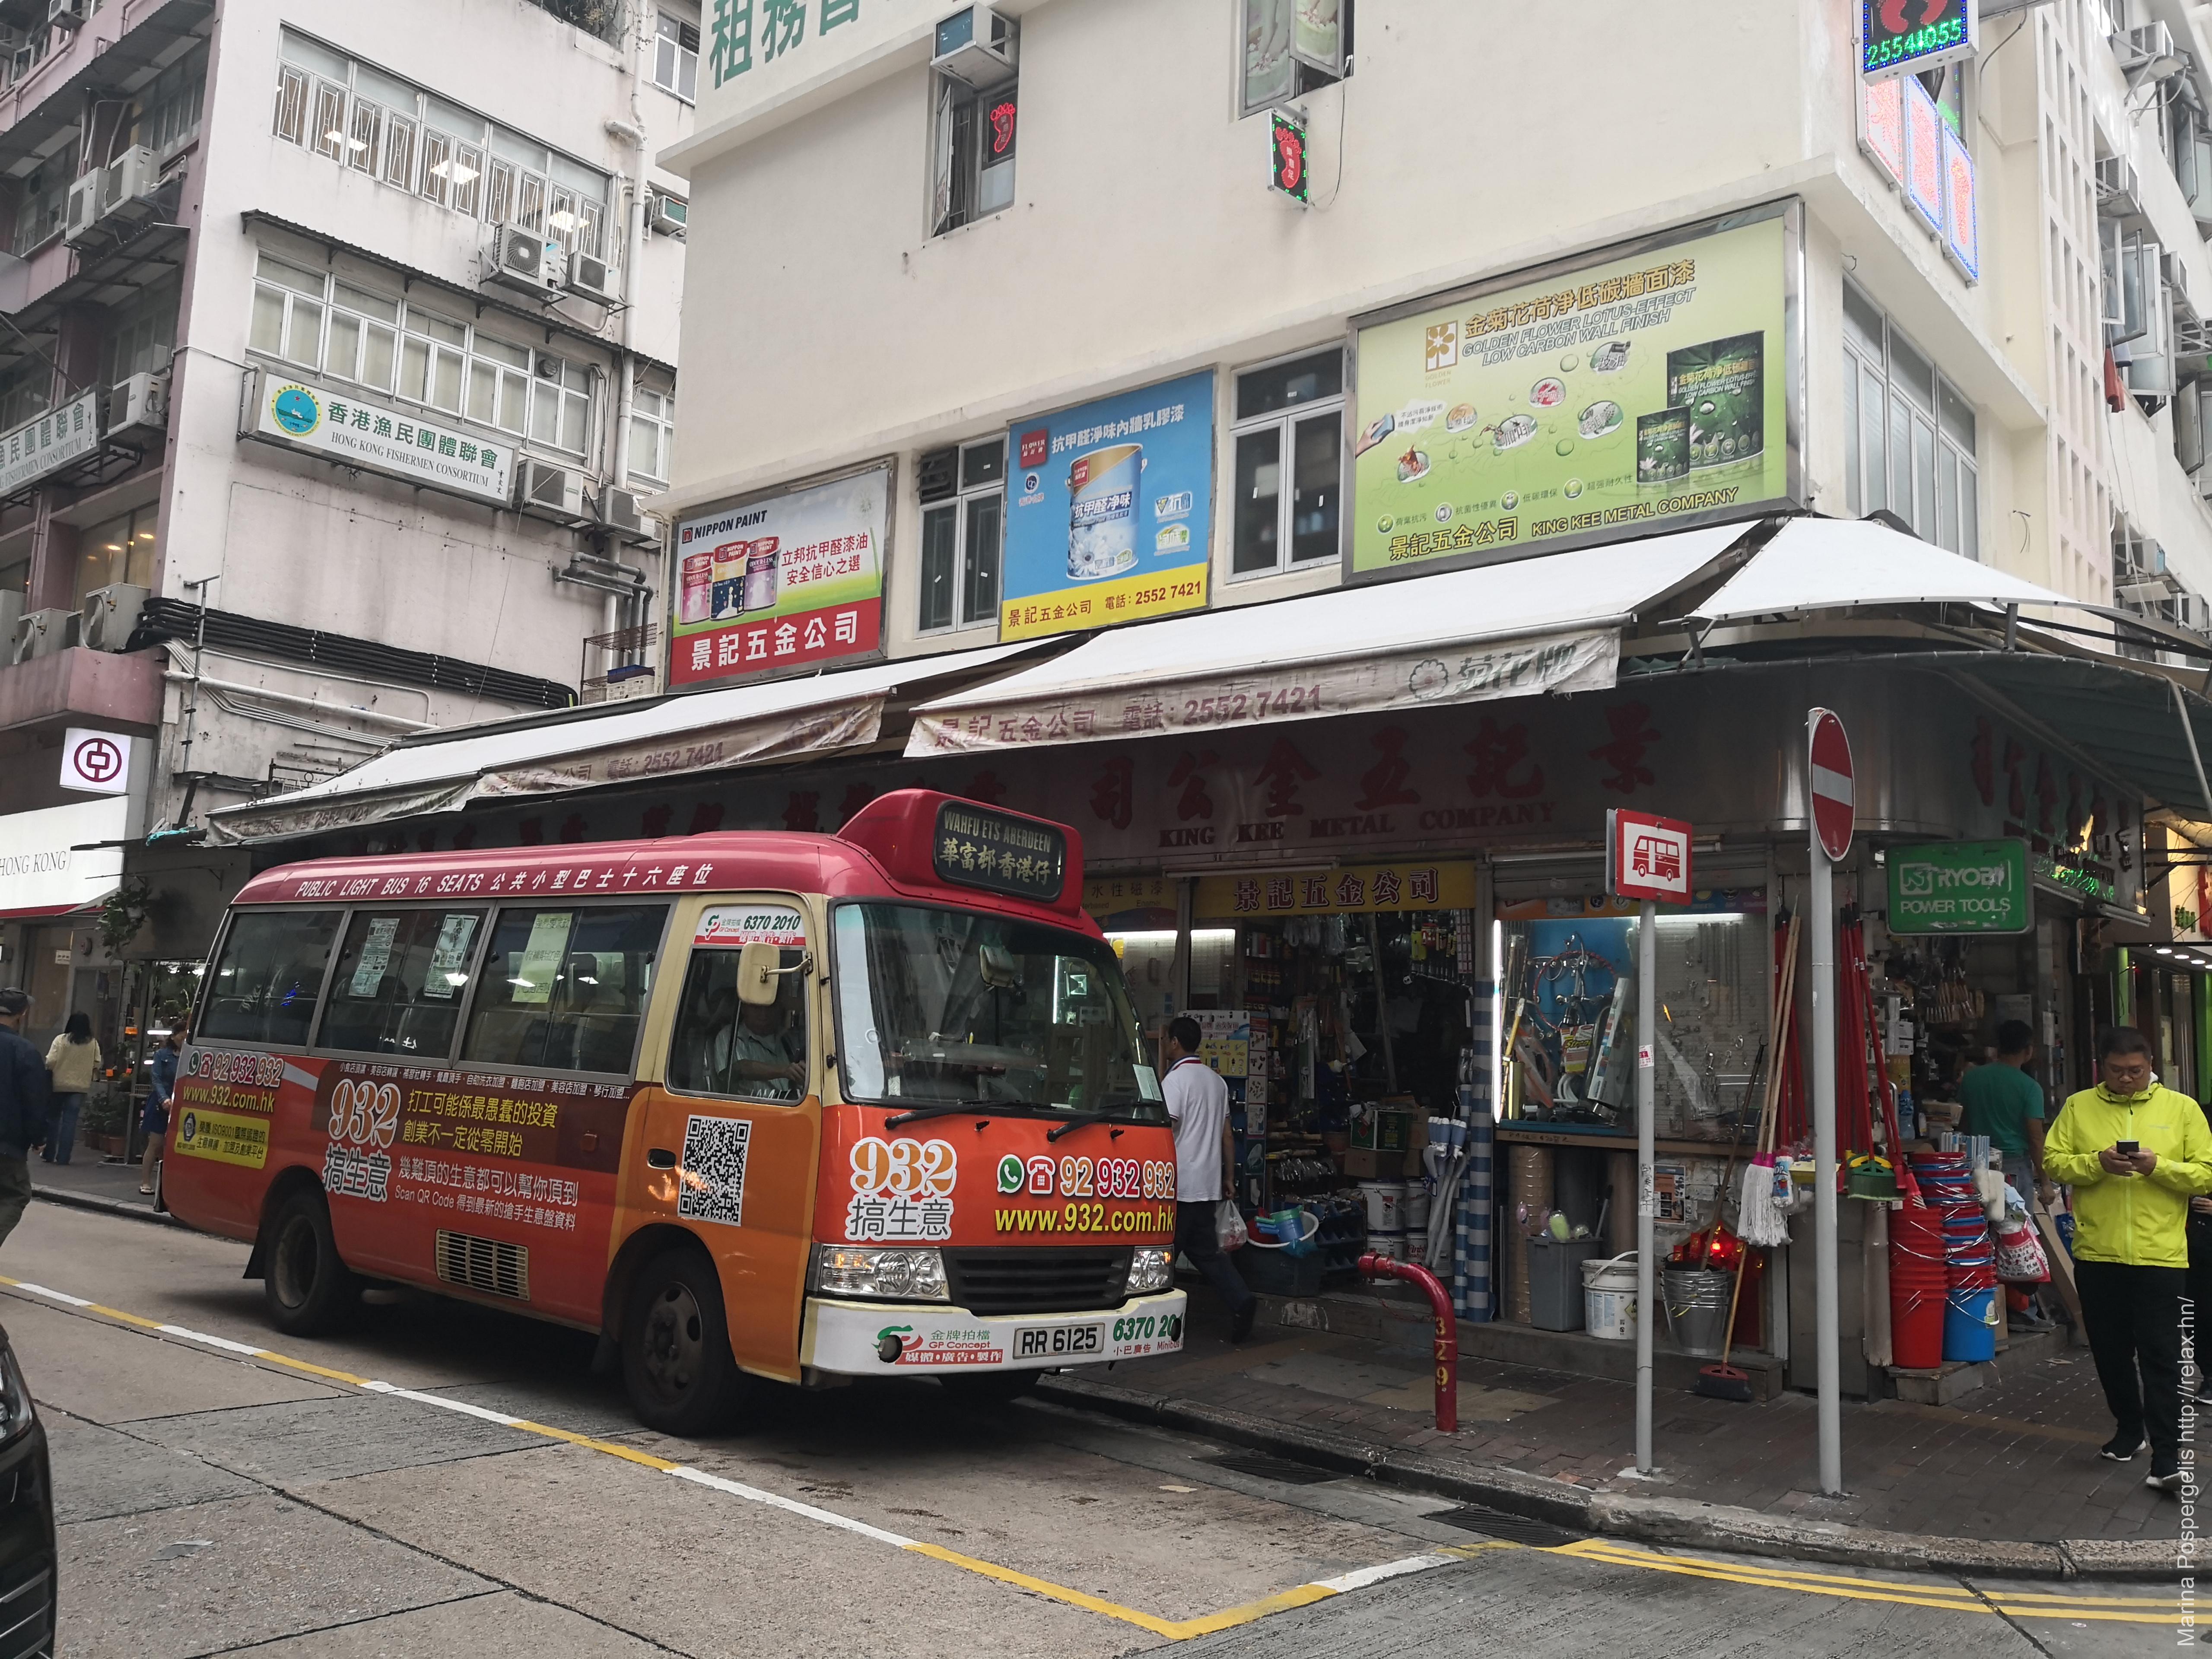 Маленький автобус с красной крышей